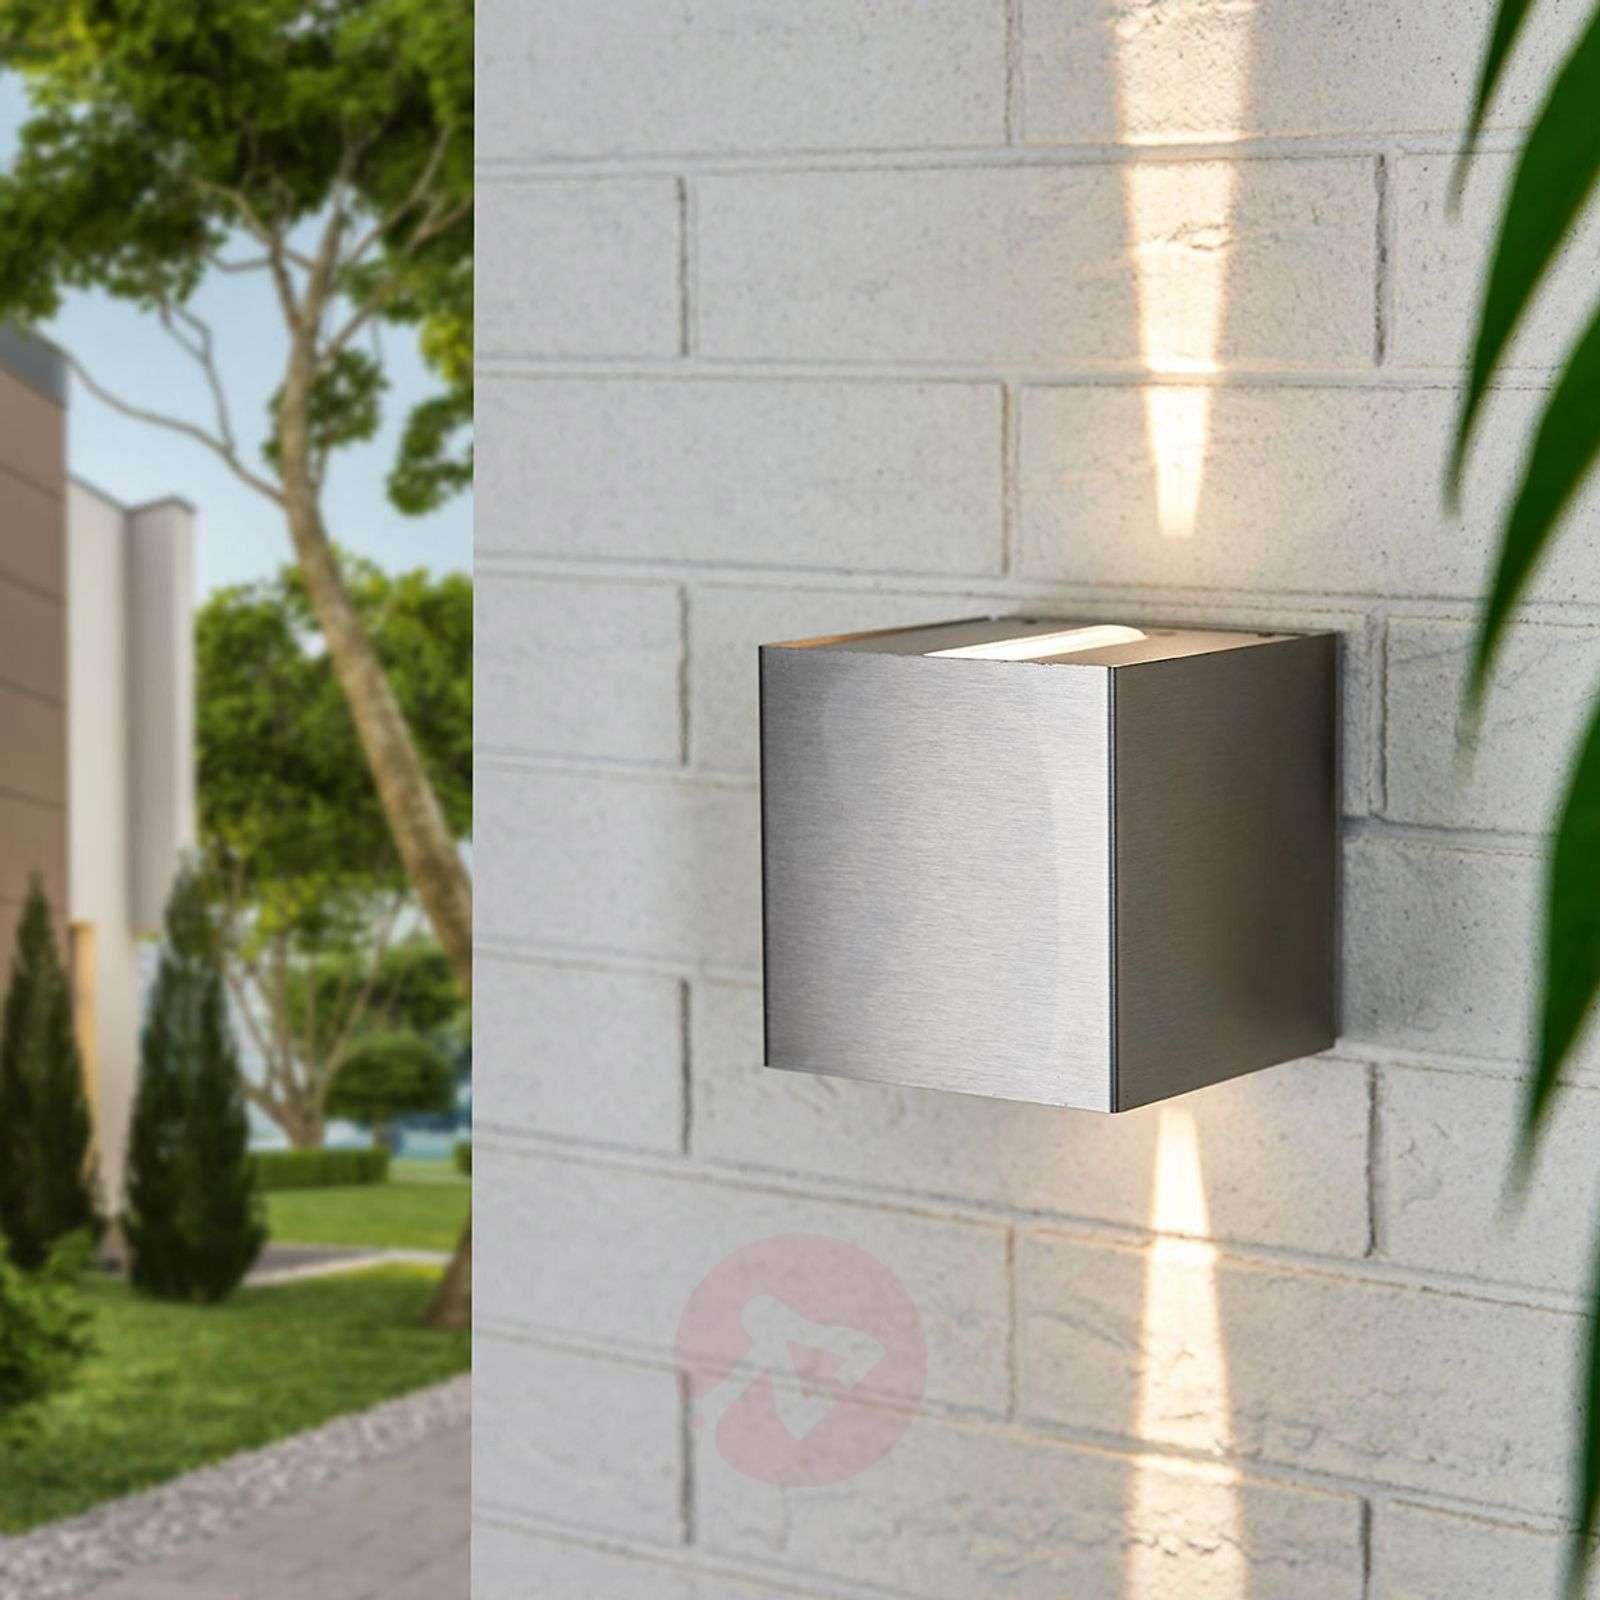 Angessa-LED-seinäkohdevalo valaisu kapea-kapea-4000376-01